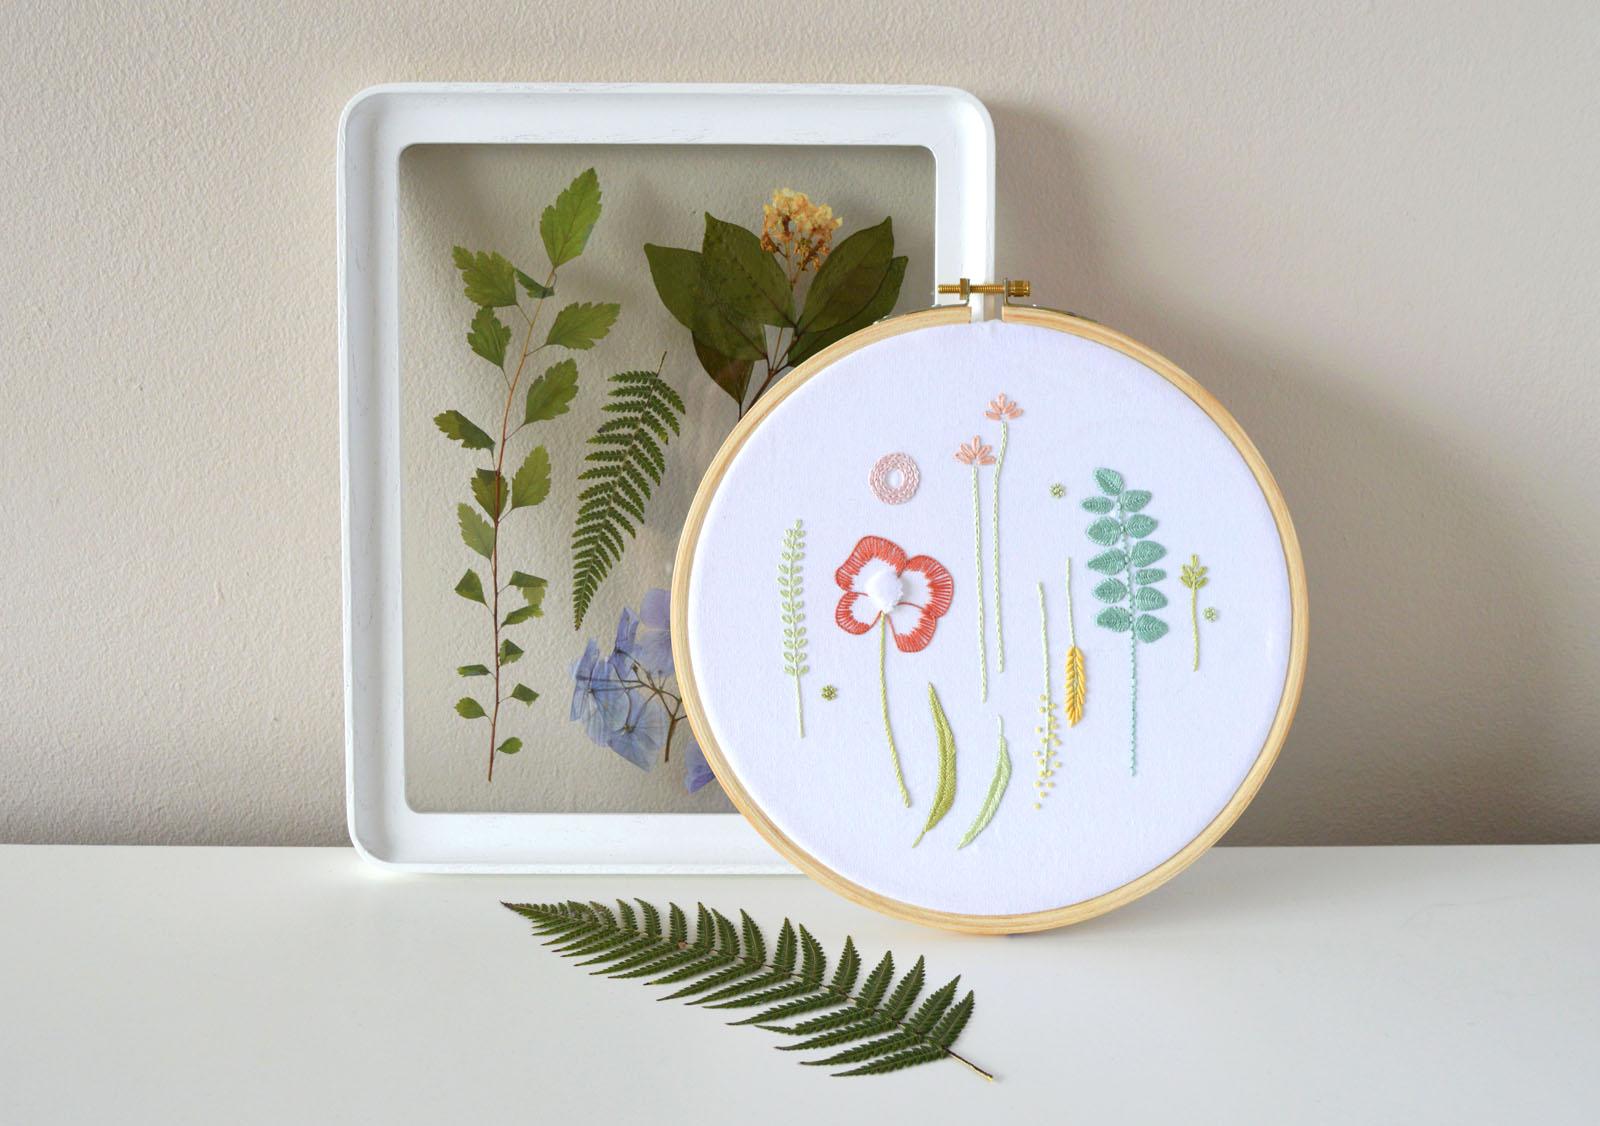 Herbarium3_KellyFletcher.jpg